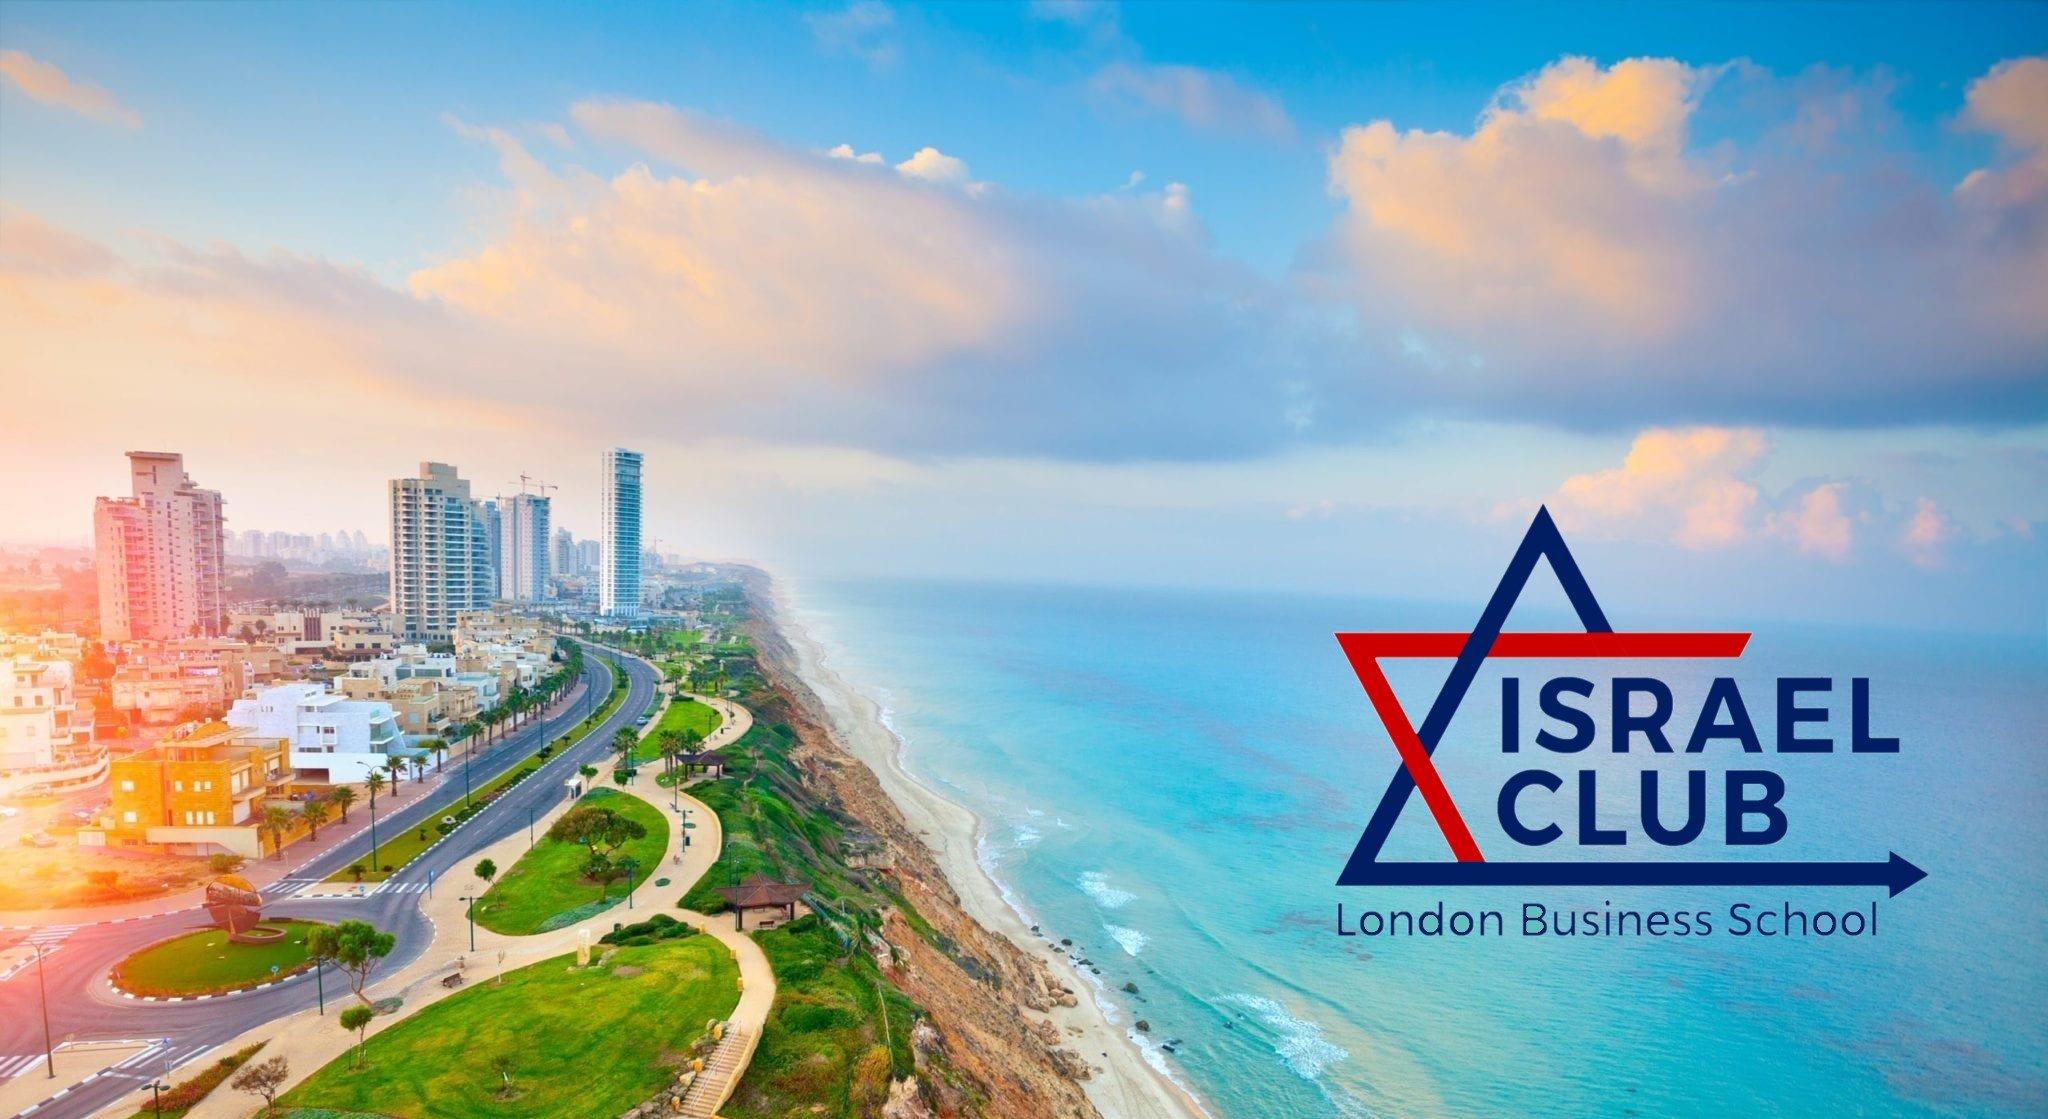 Israel Club Kick Off